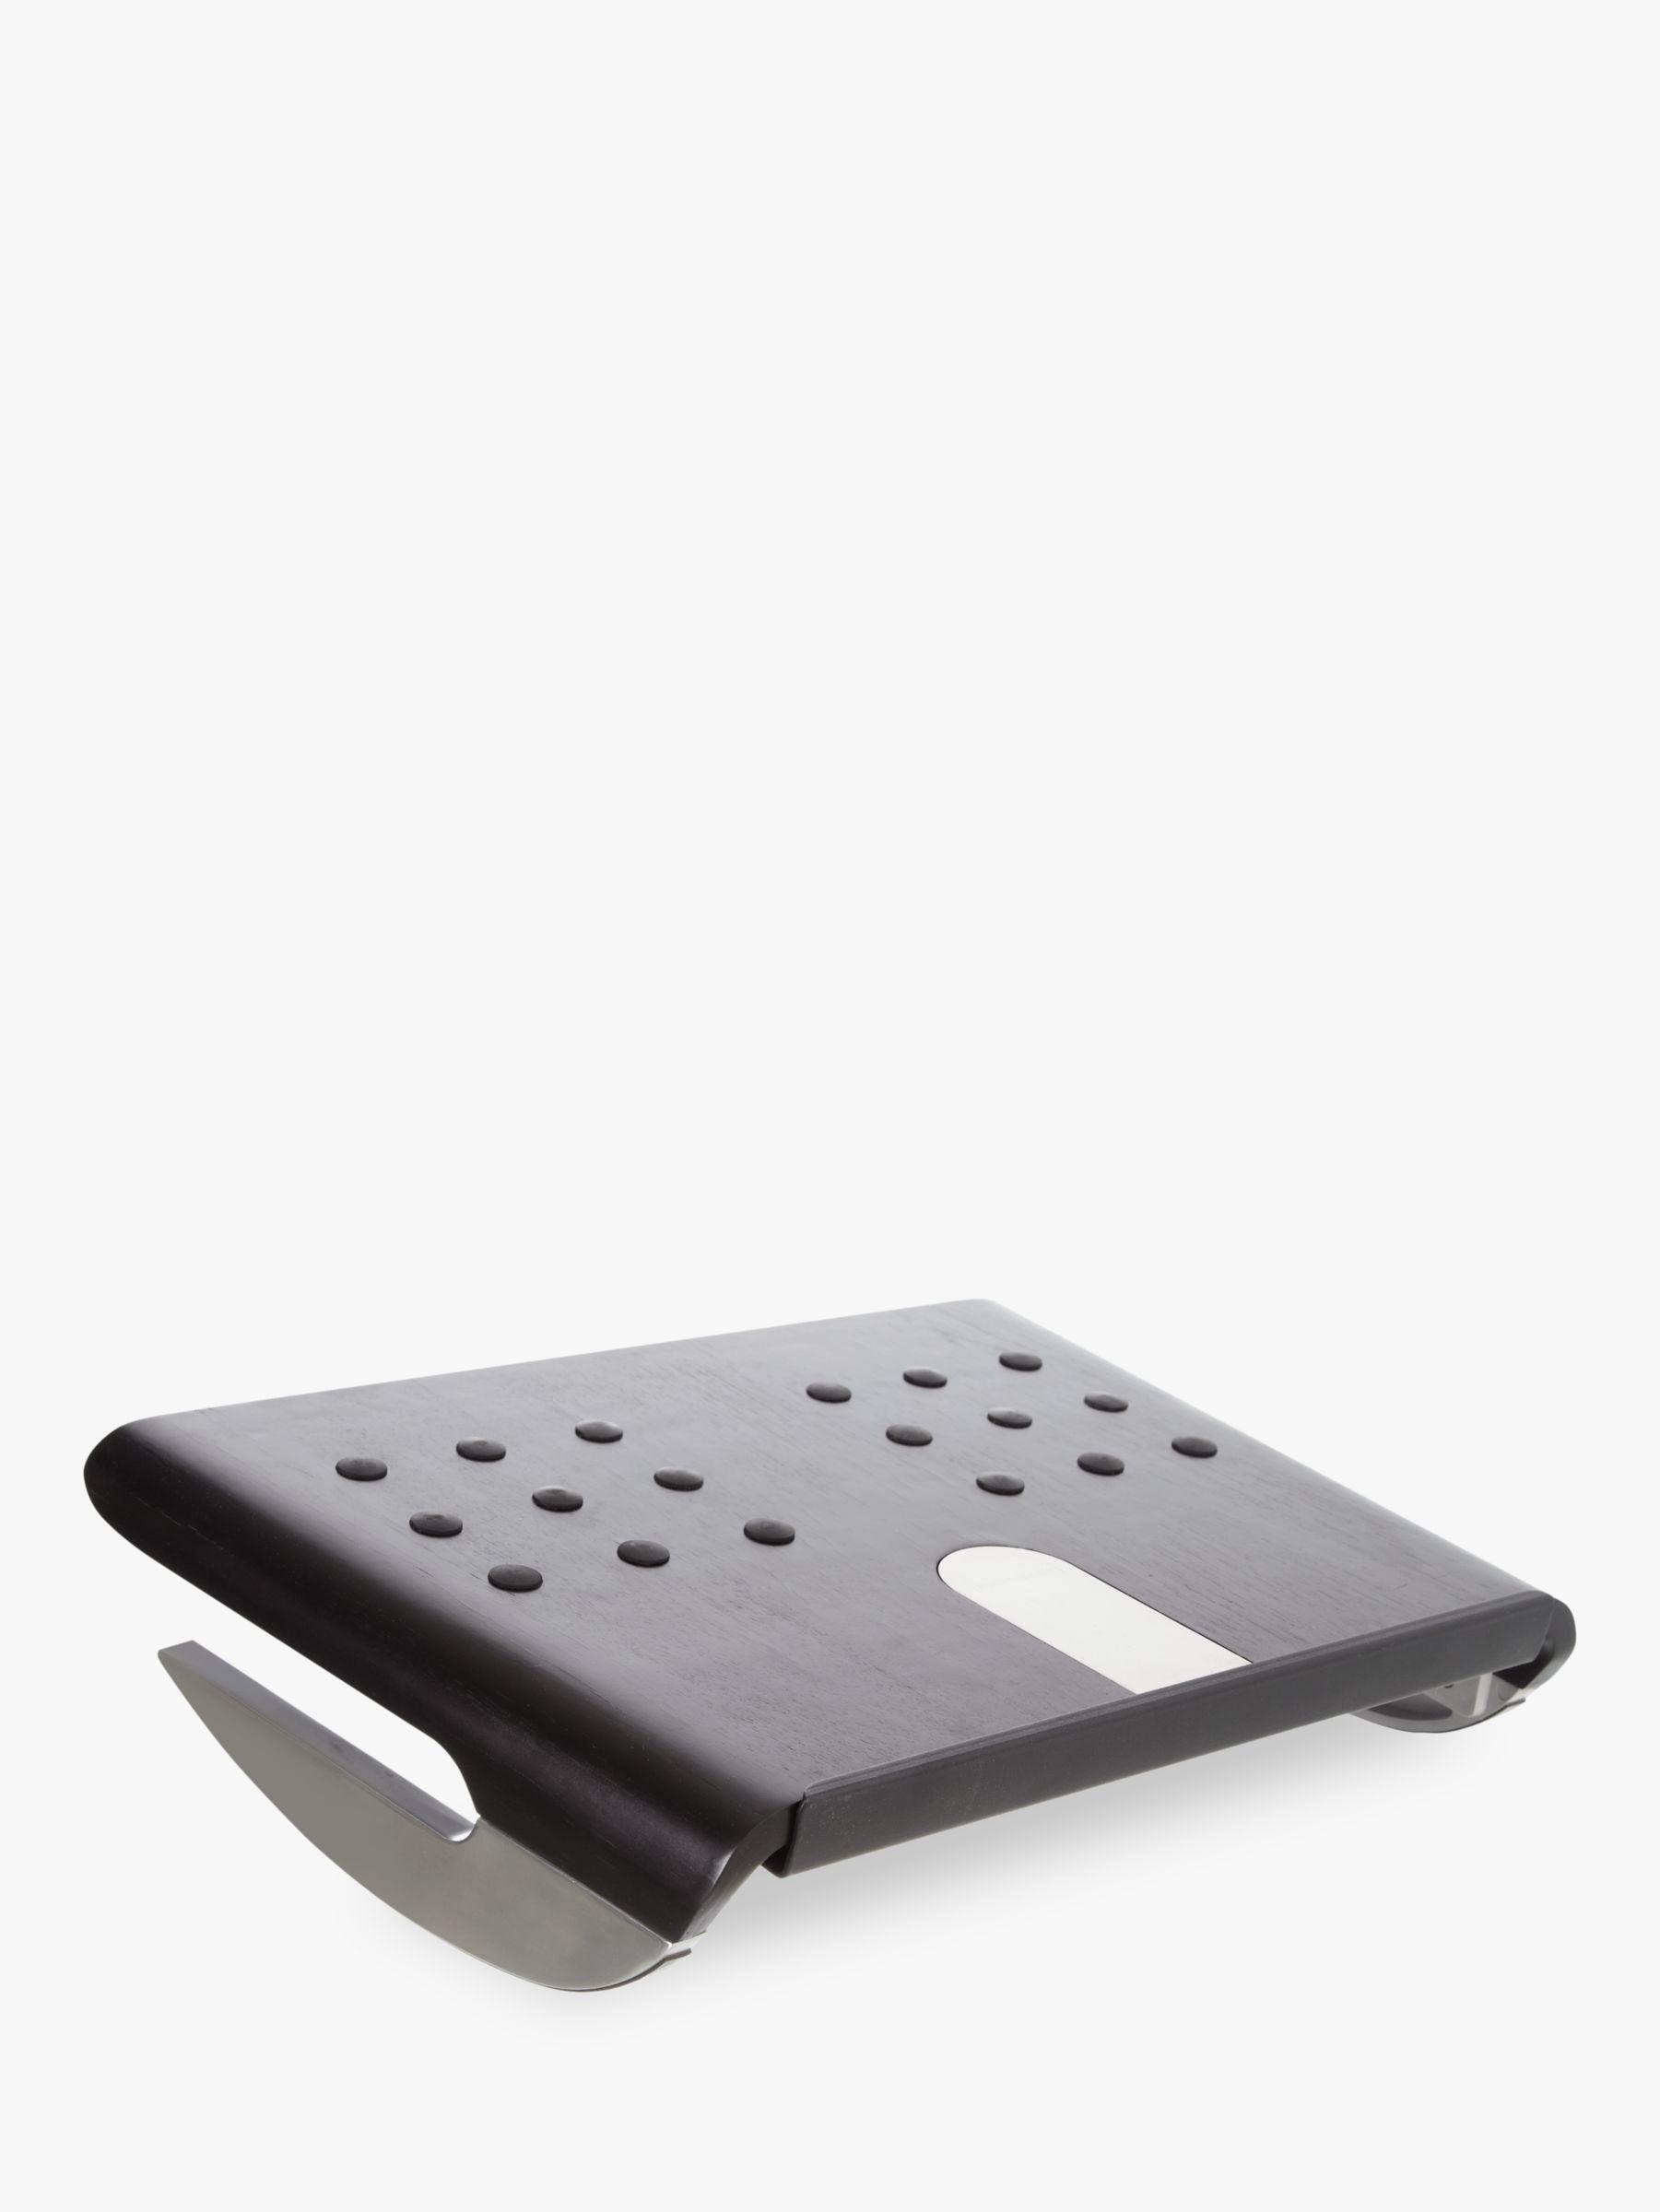 Humanscale Humanscale FM500 Footrest